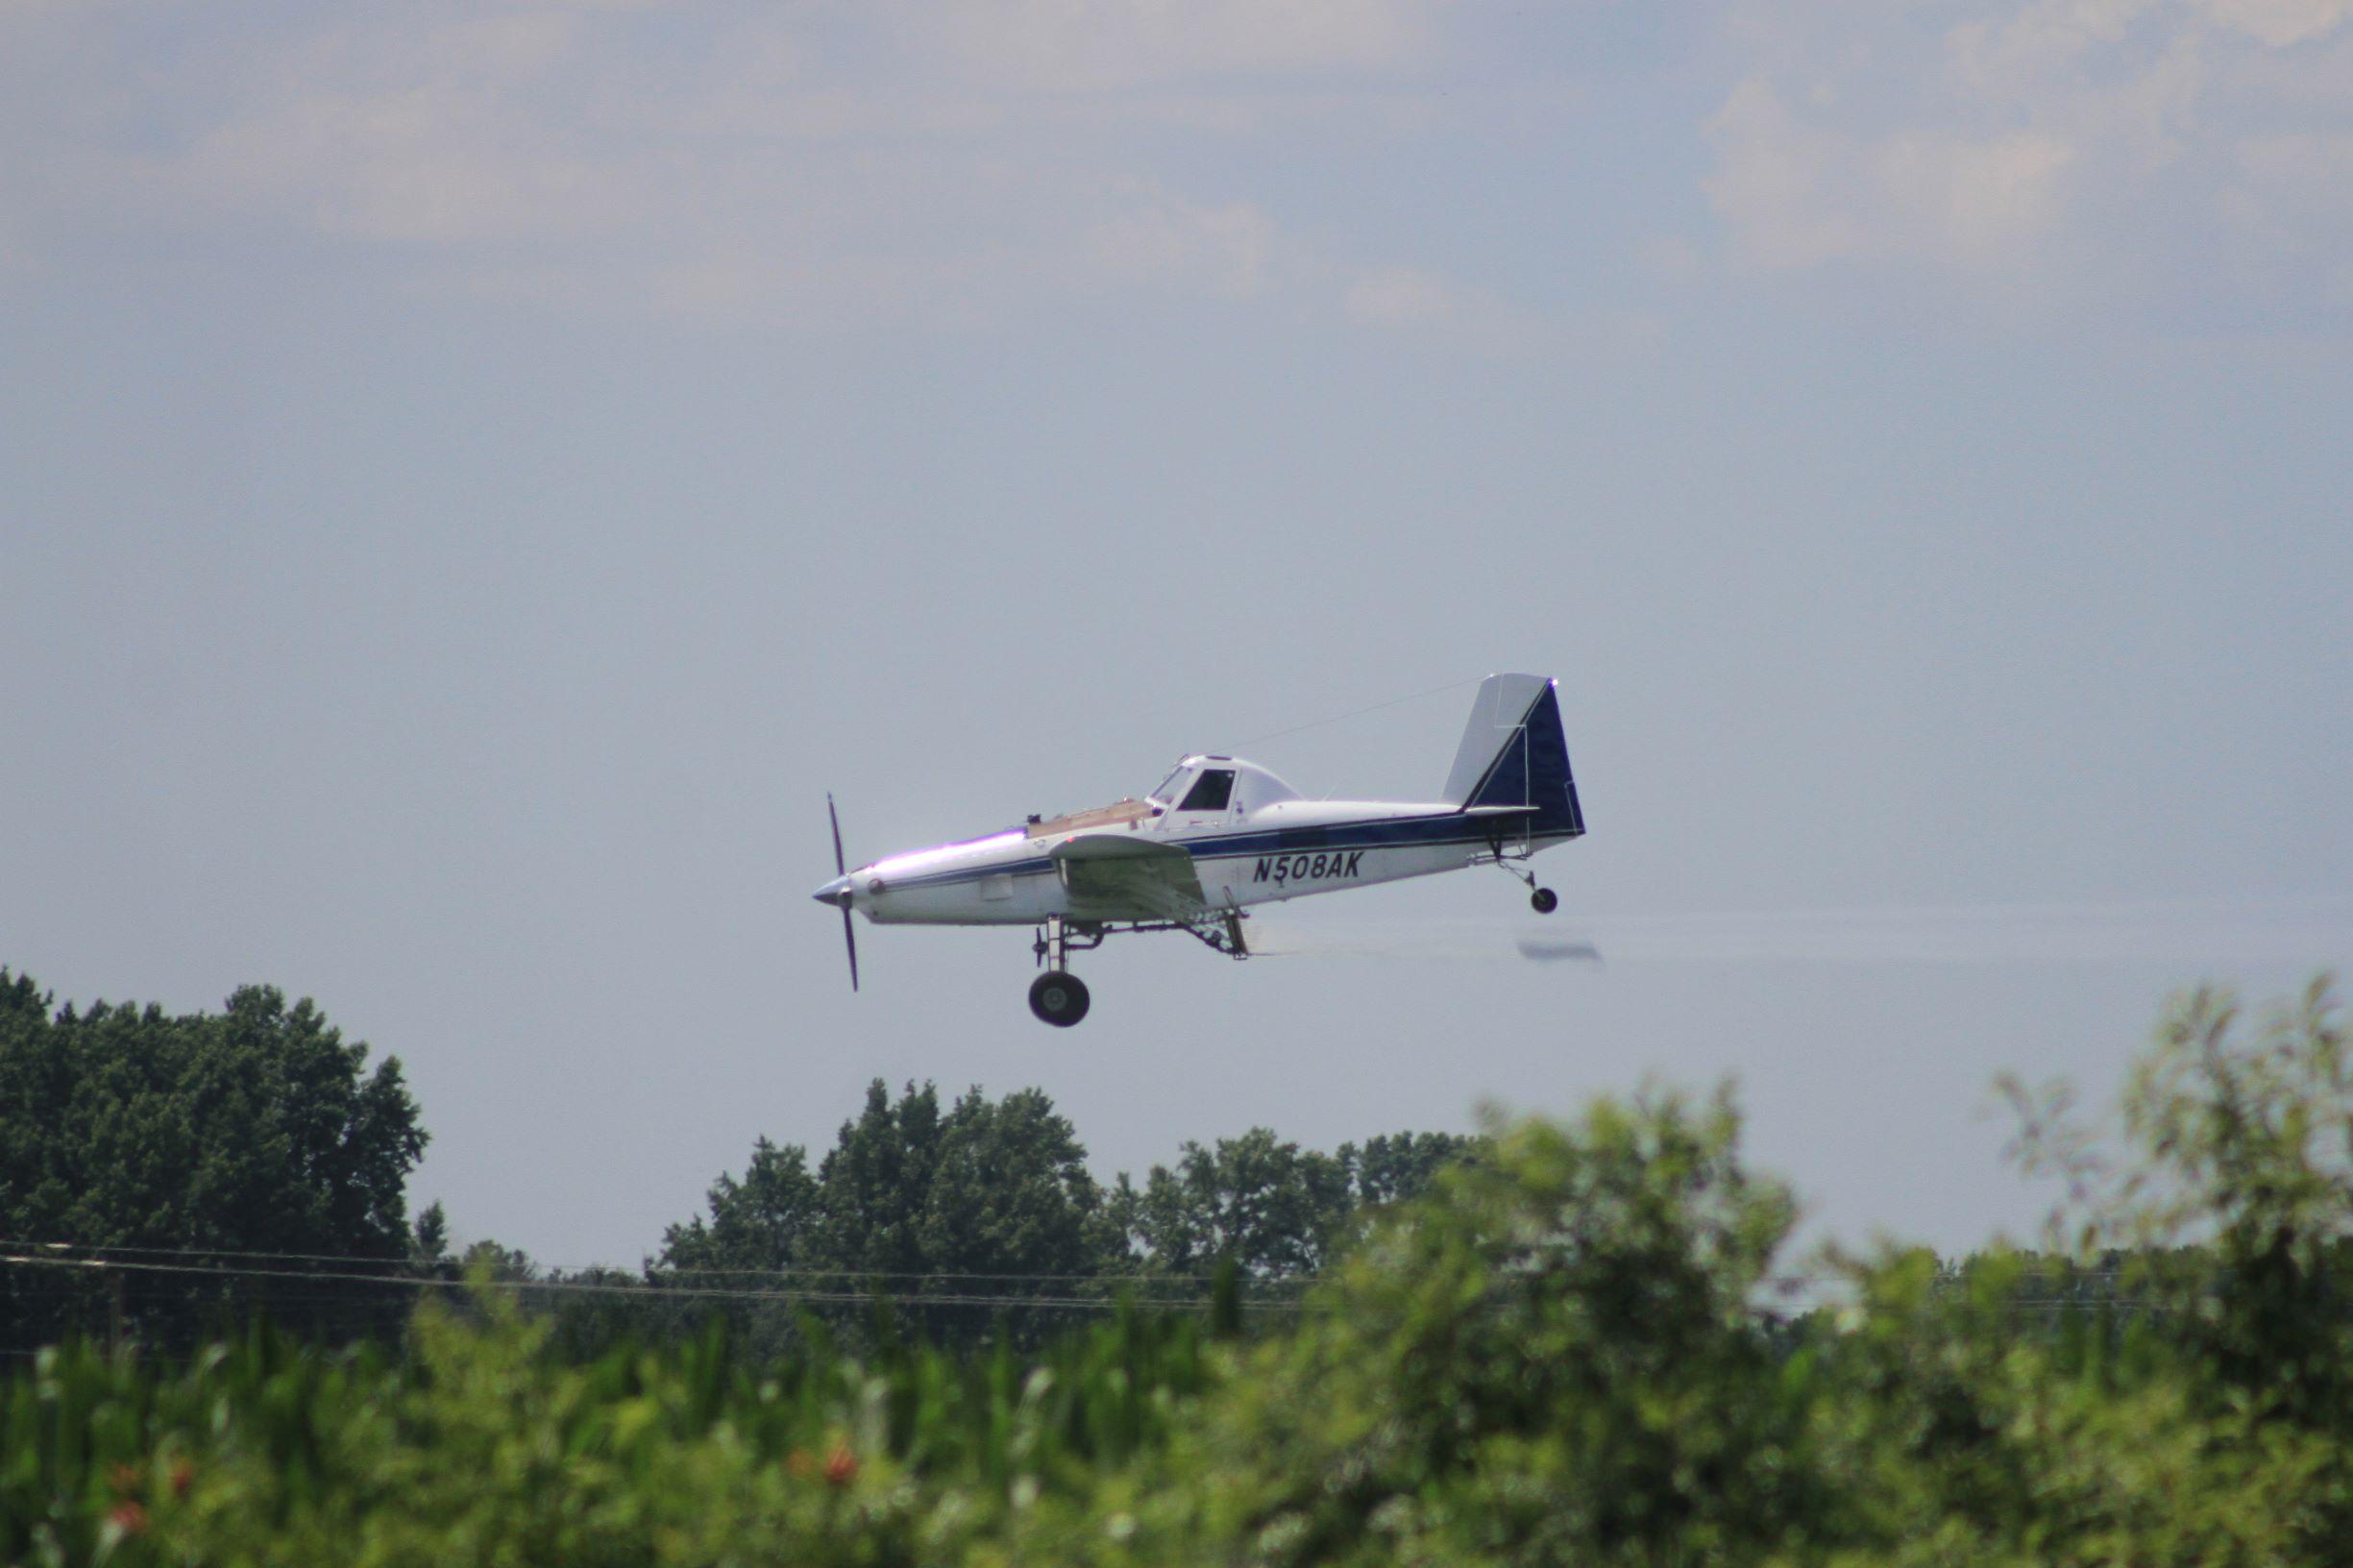 Buzz Over Wayne County (PHOTOS)